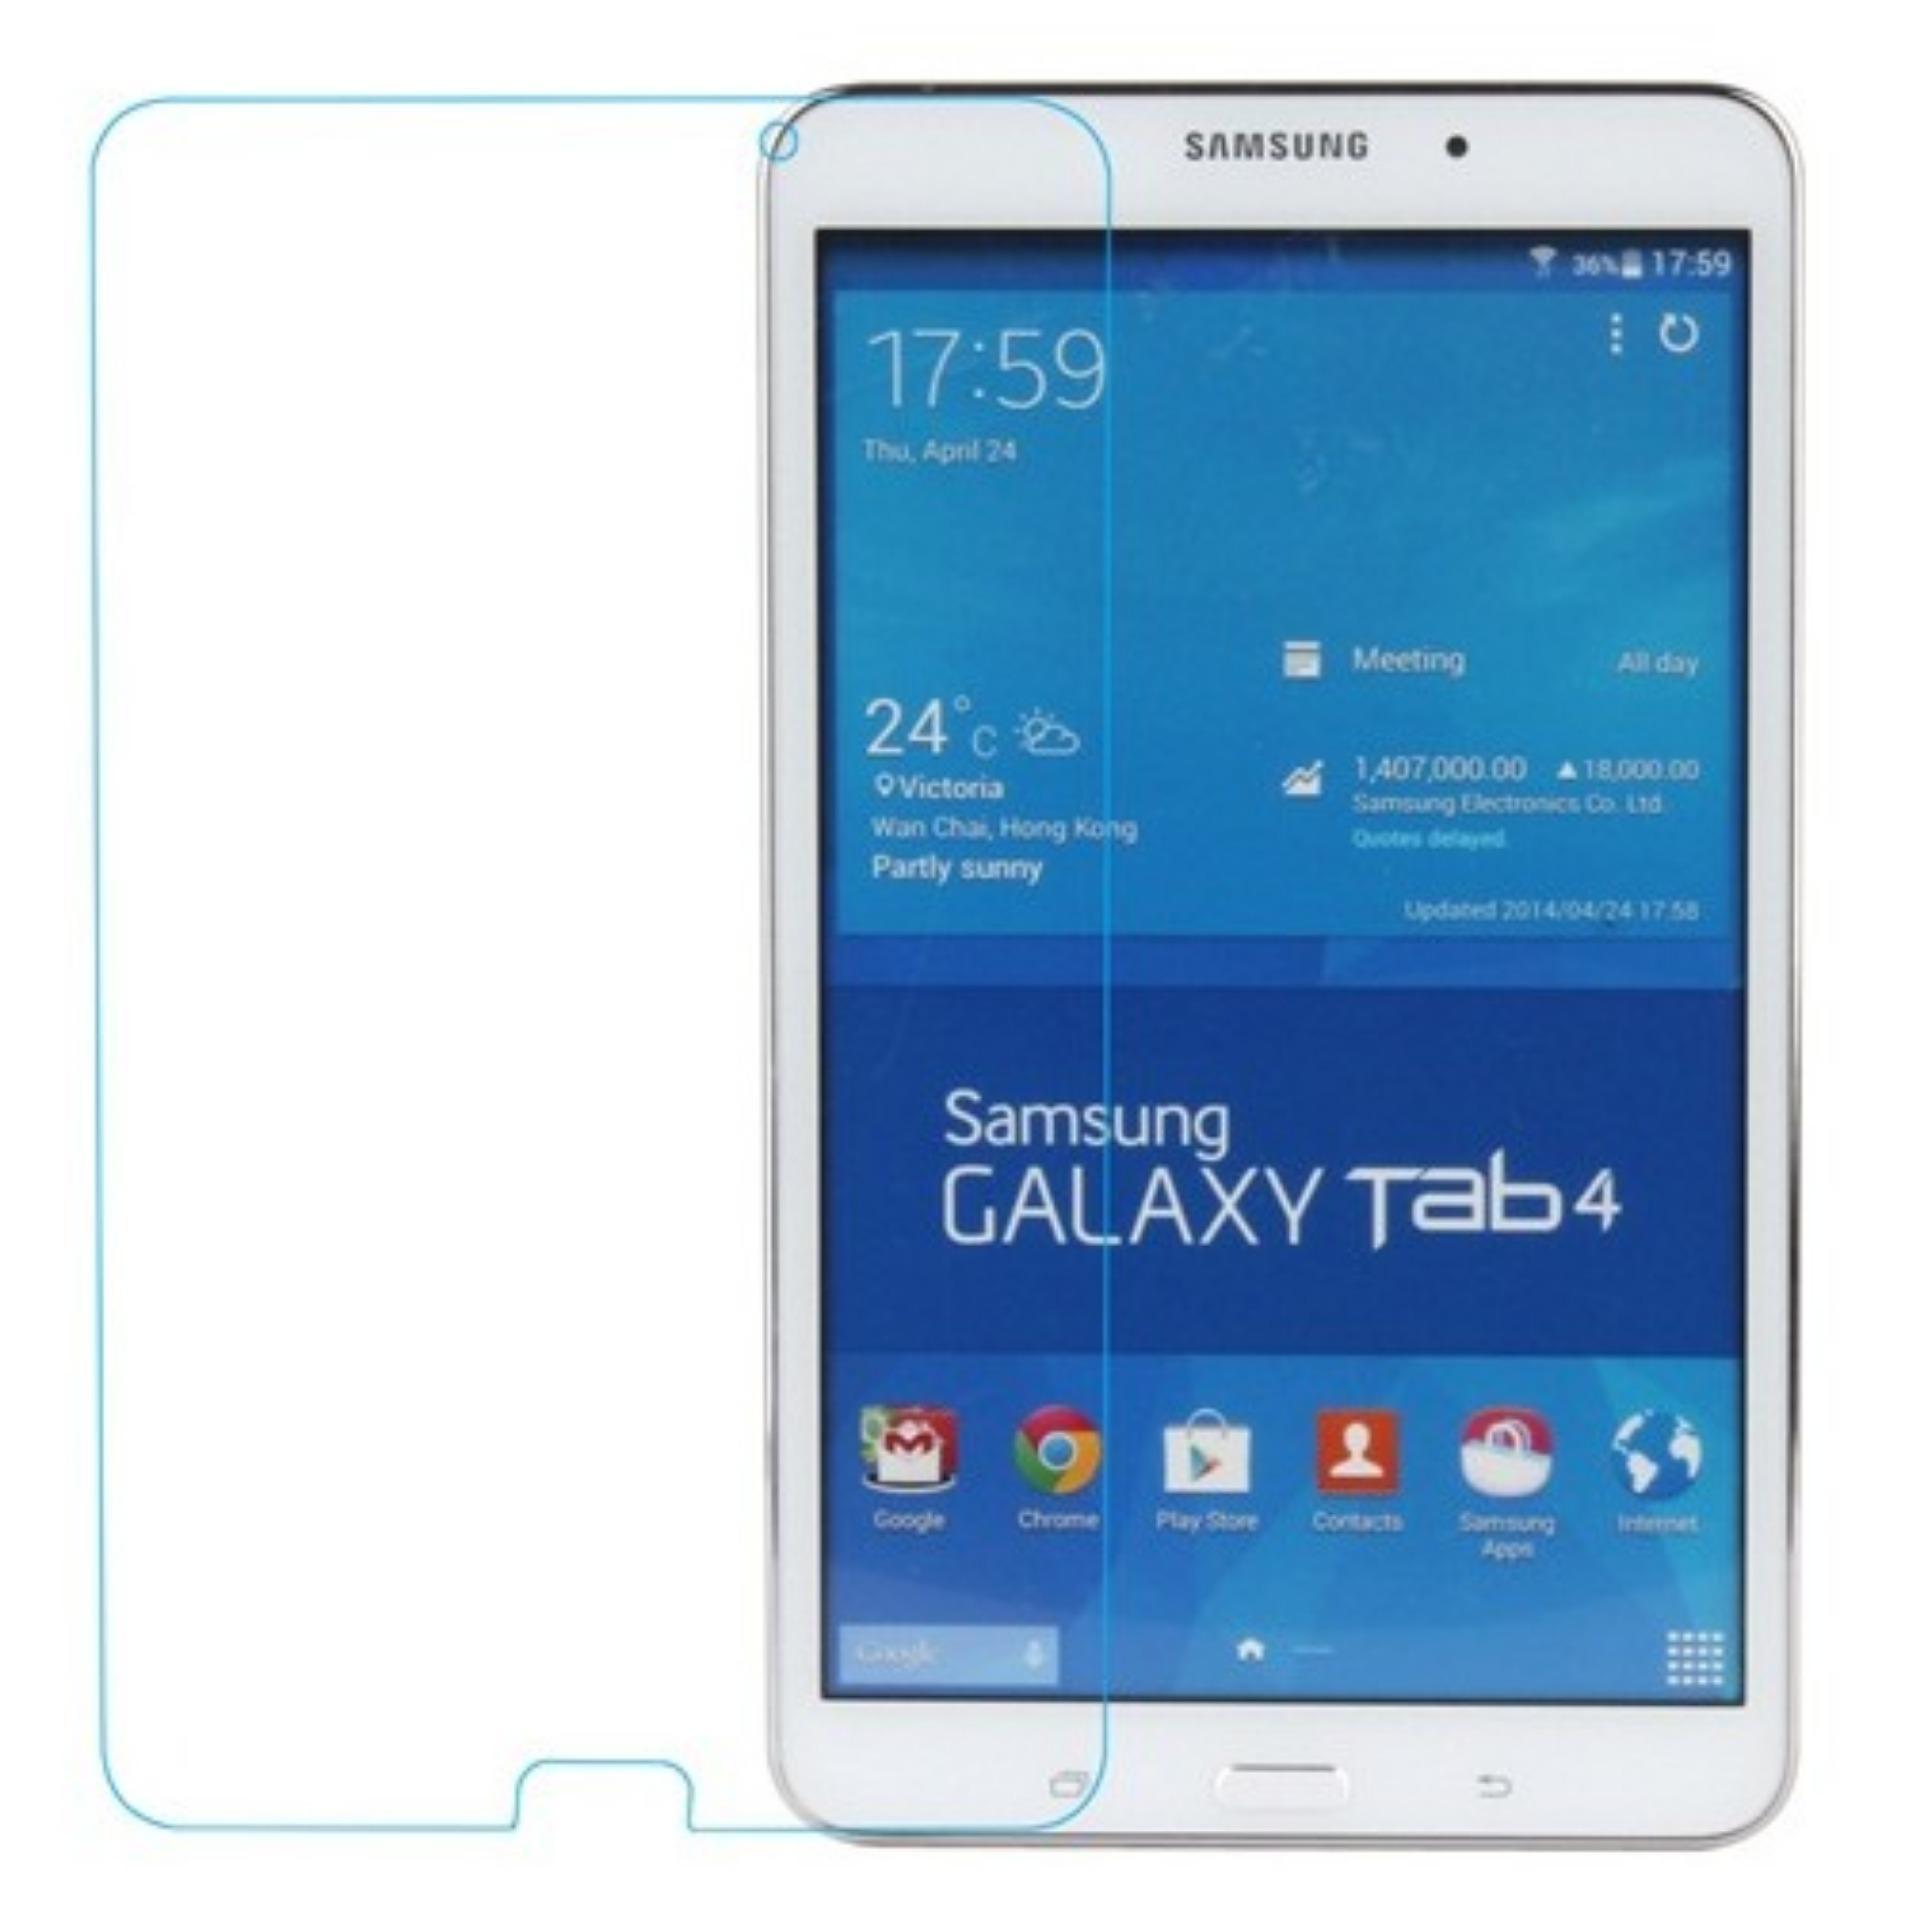 Vn Samsung Galaxy Tablet Tab 4 8.0